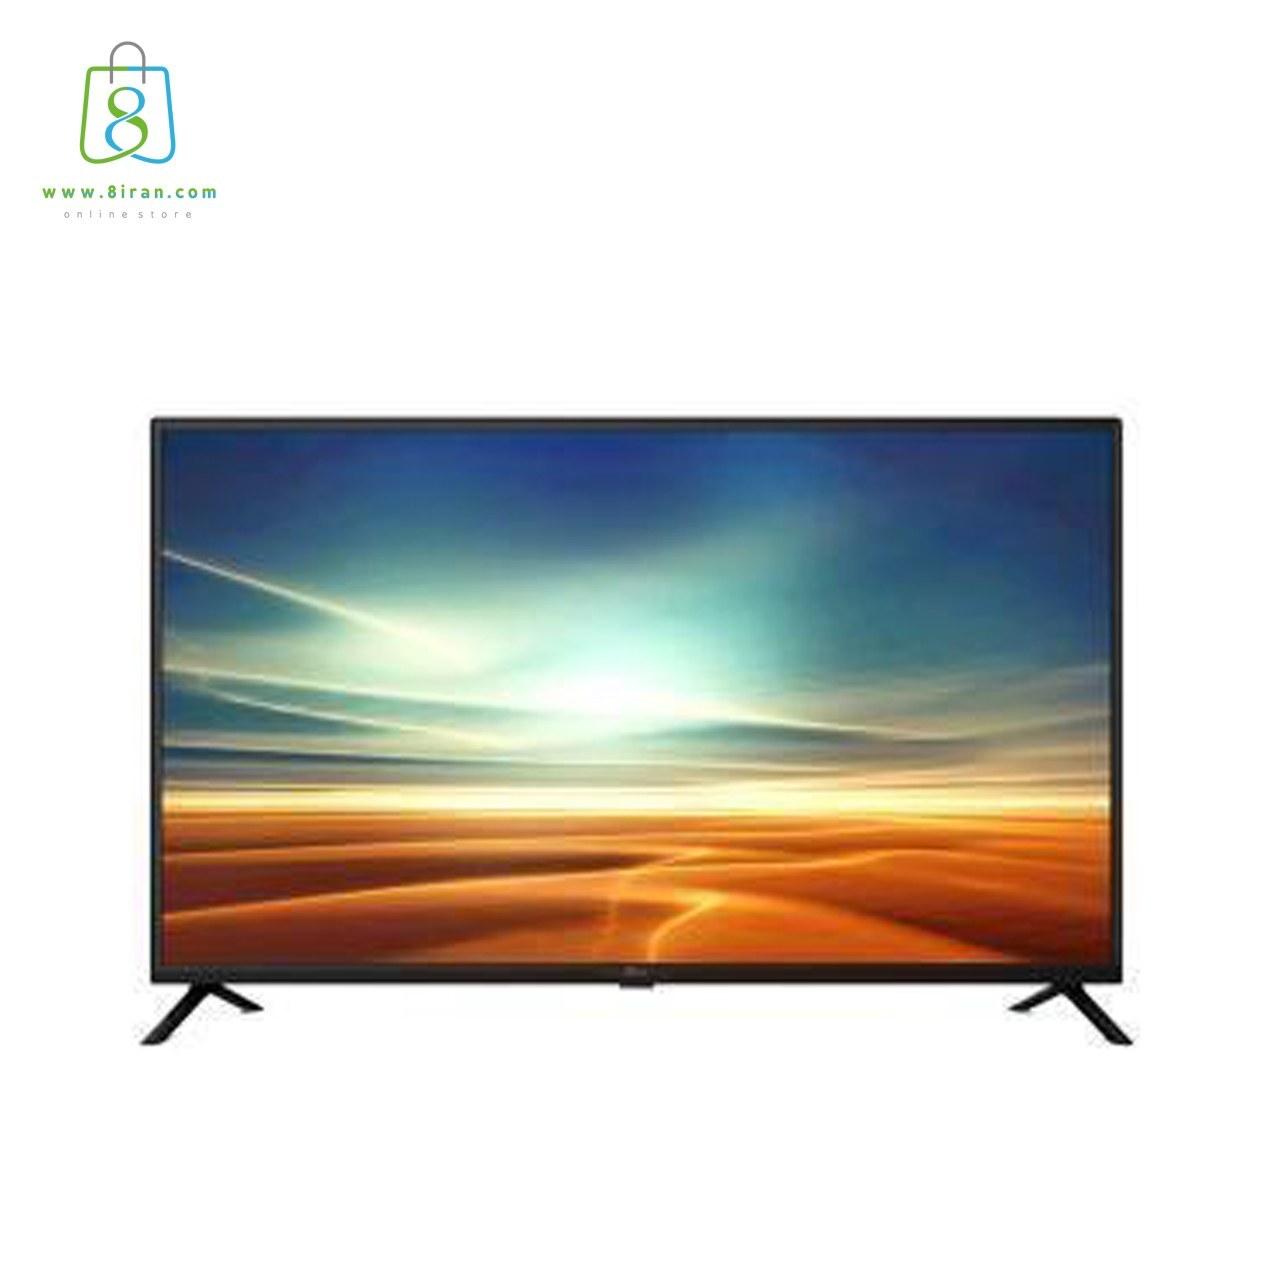 تصویر تلویزیون ال ای دی جی پلاس 43 اینچ مدل GTV-43GH412N G PLUS FHD TELEVISION GTV-43GH412N